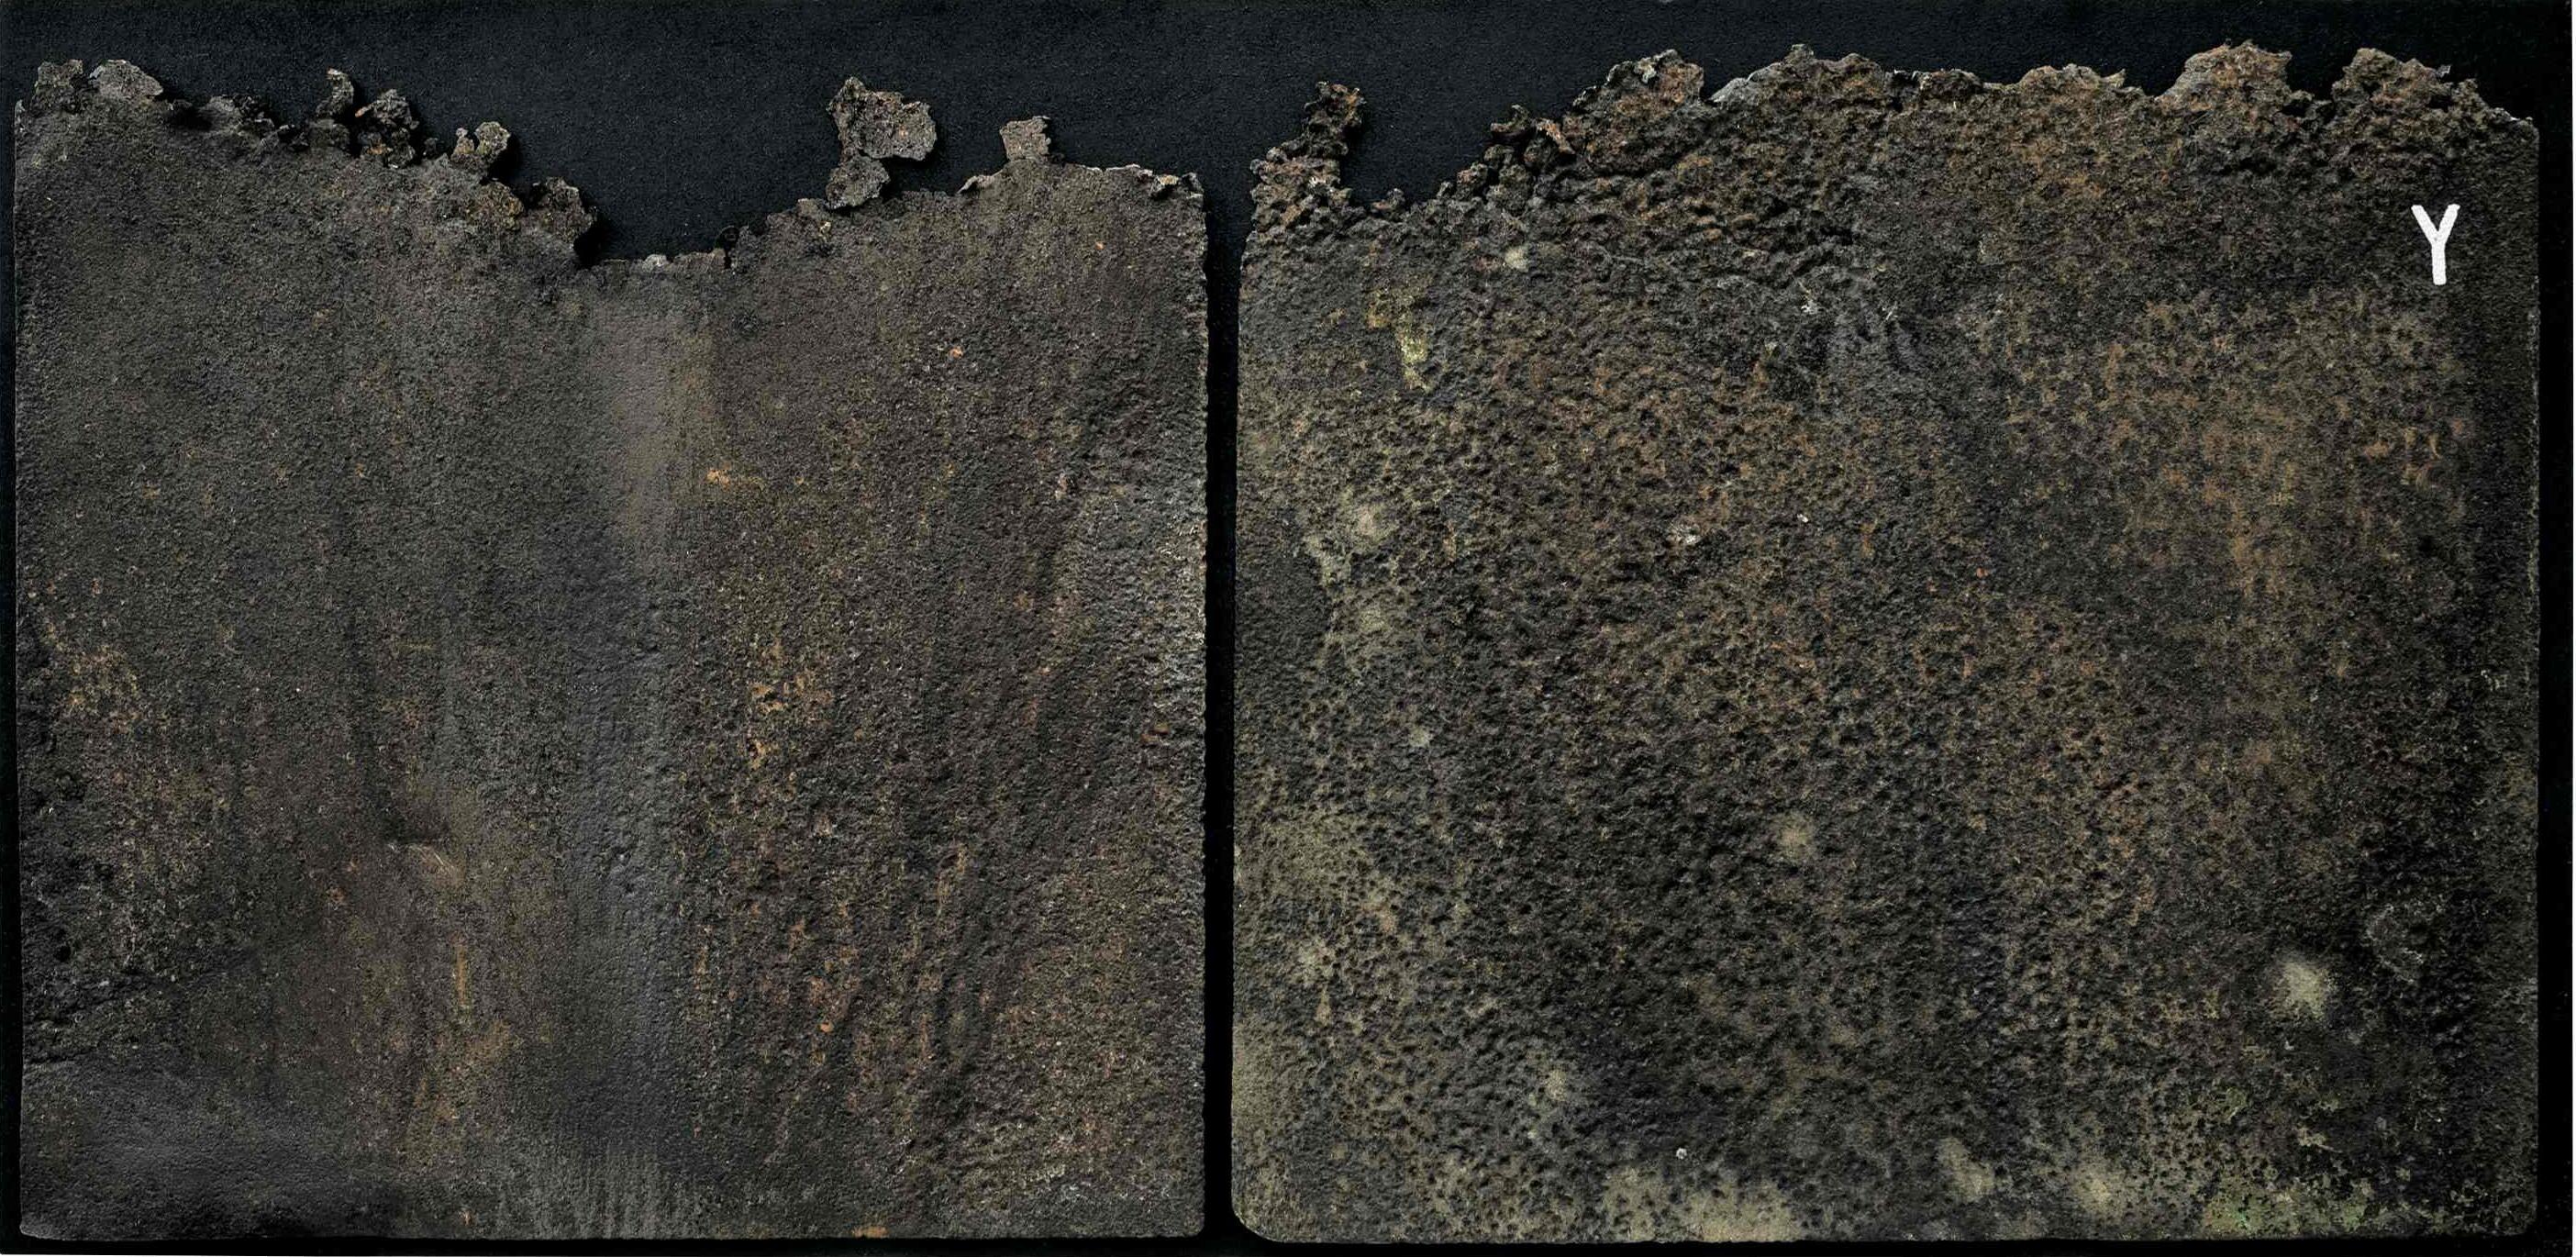 Profili del tempo, ferro combusto su tavola e copertura in plexiglas, 100x48,5, 2006